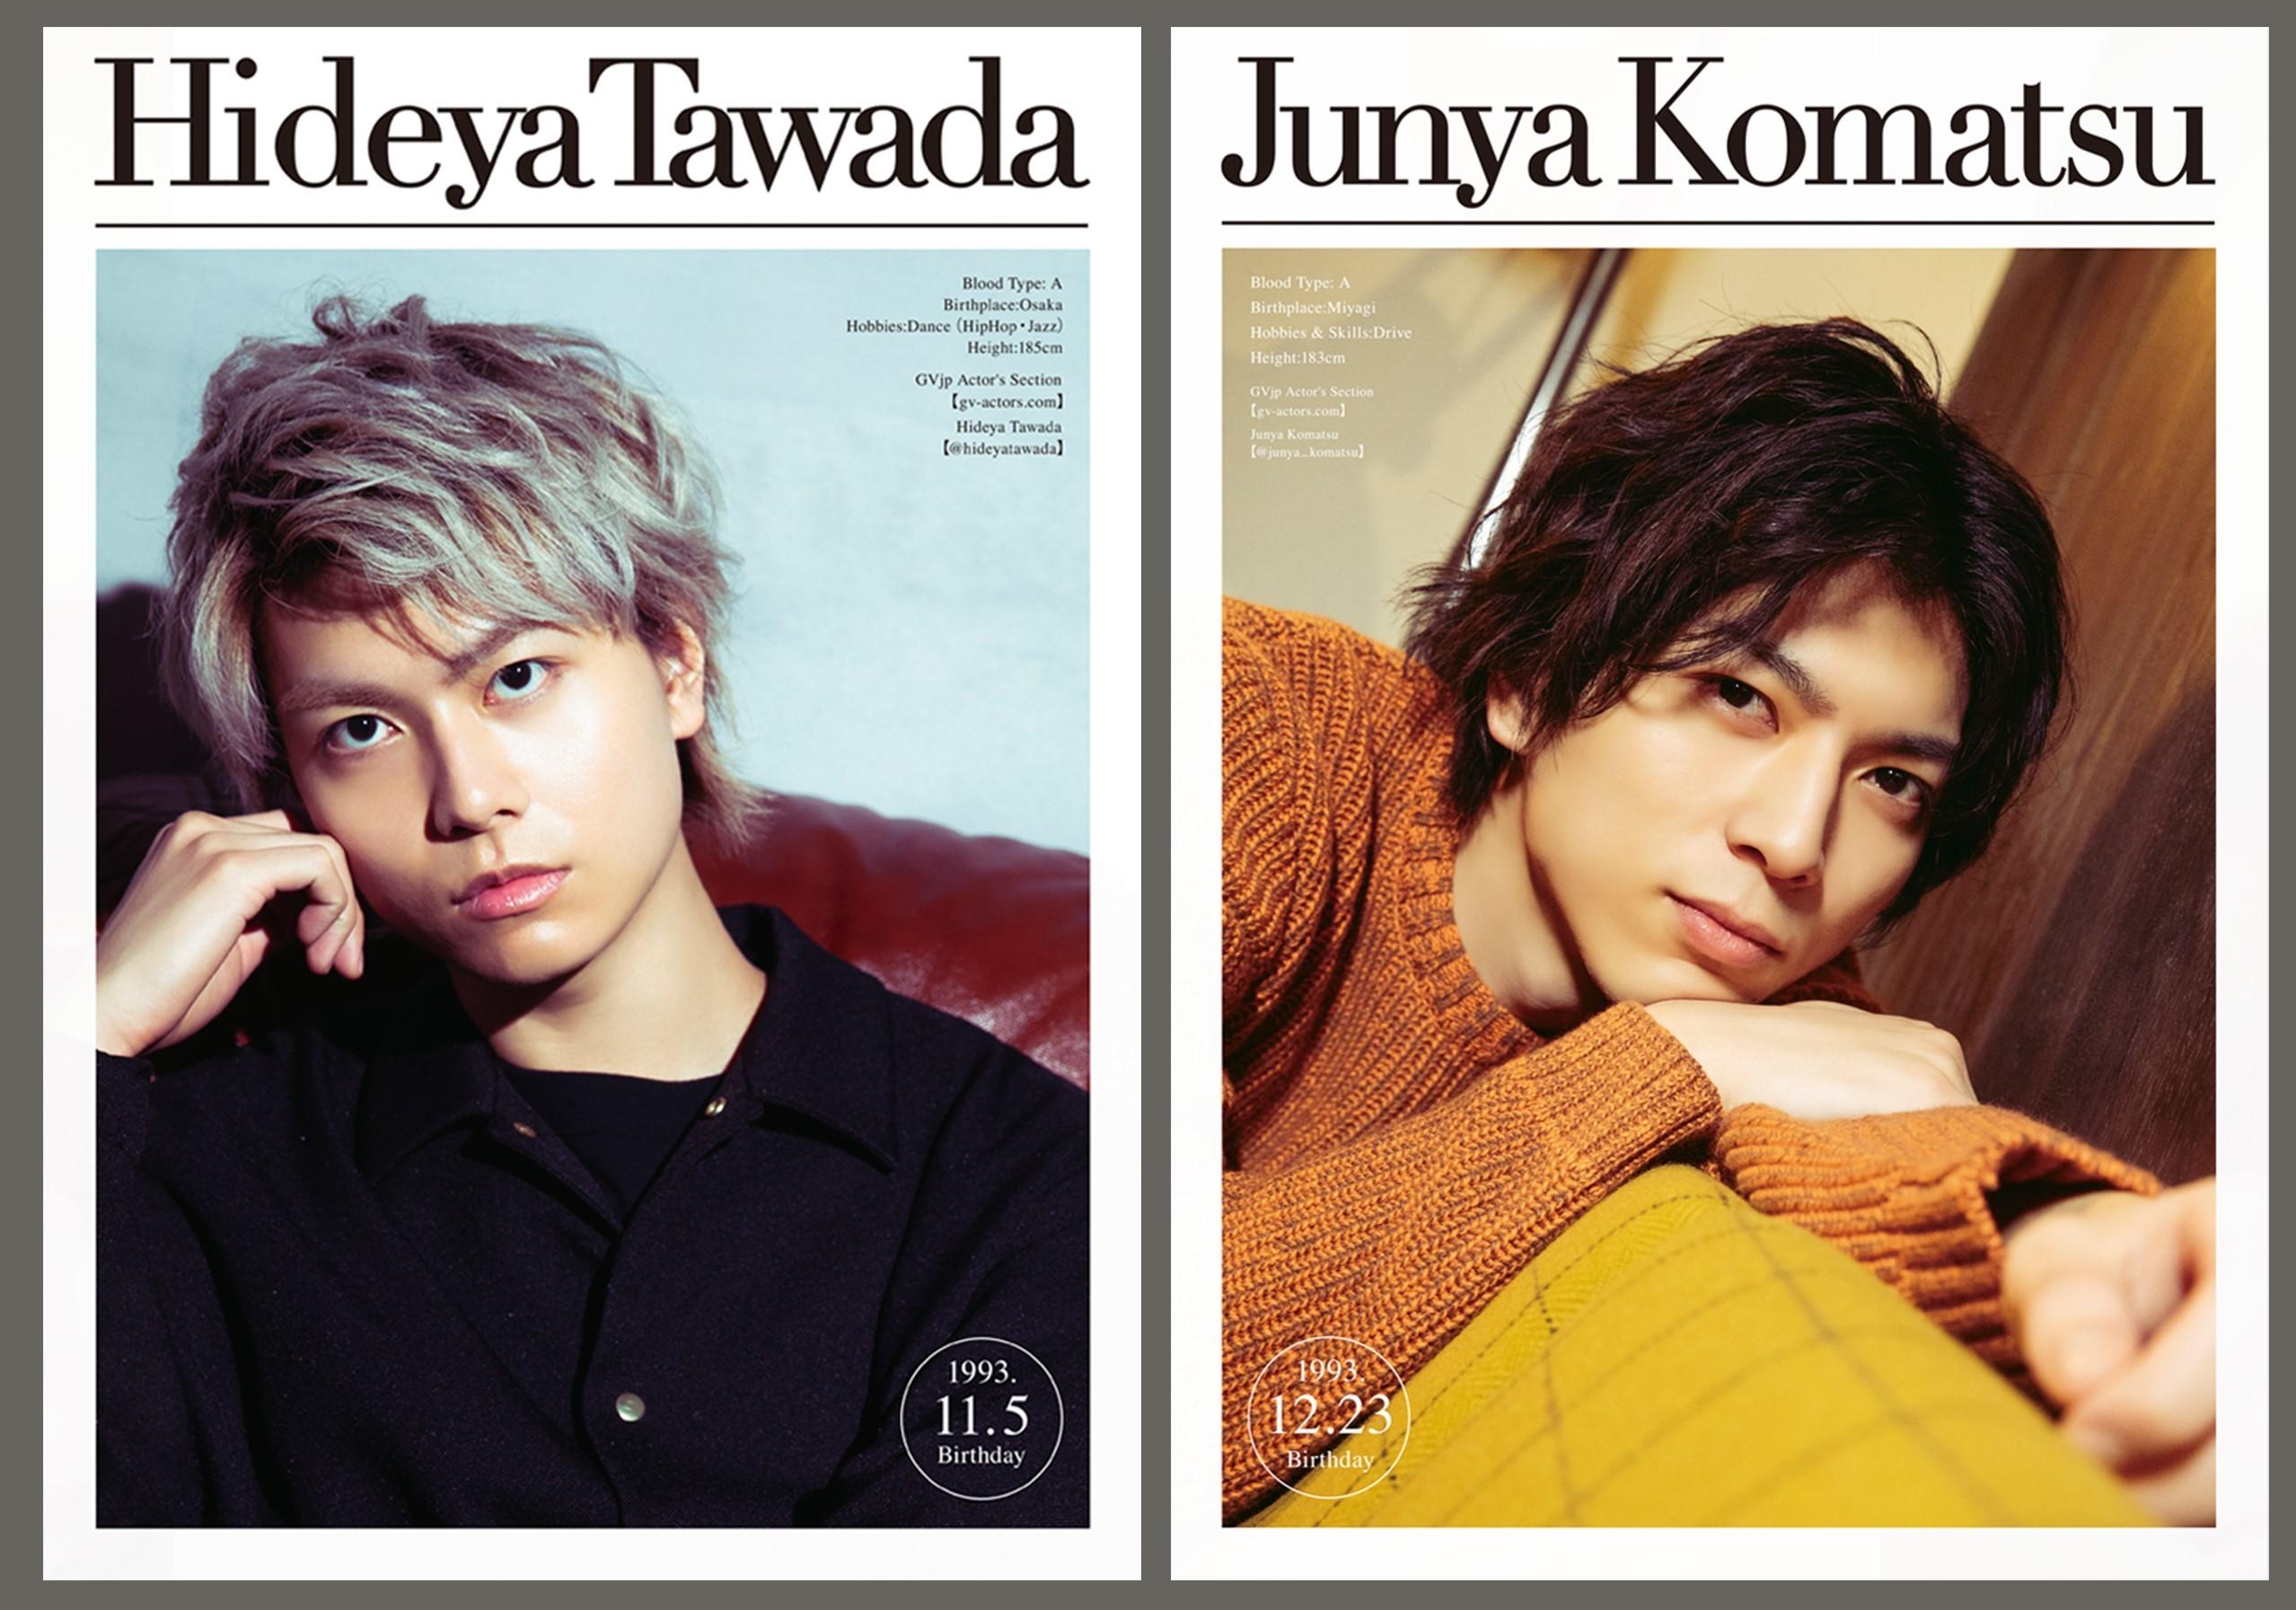 【動画メッセージ特典付】多和田任益カレンダー 2020-2021 2部+フォトブック1部セット